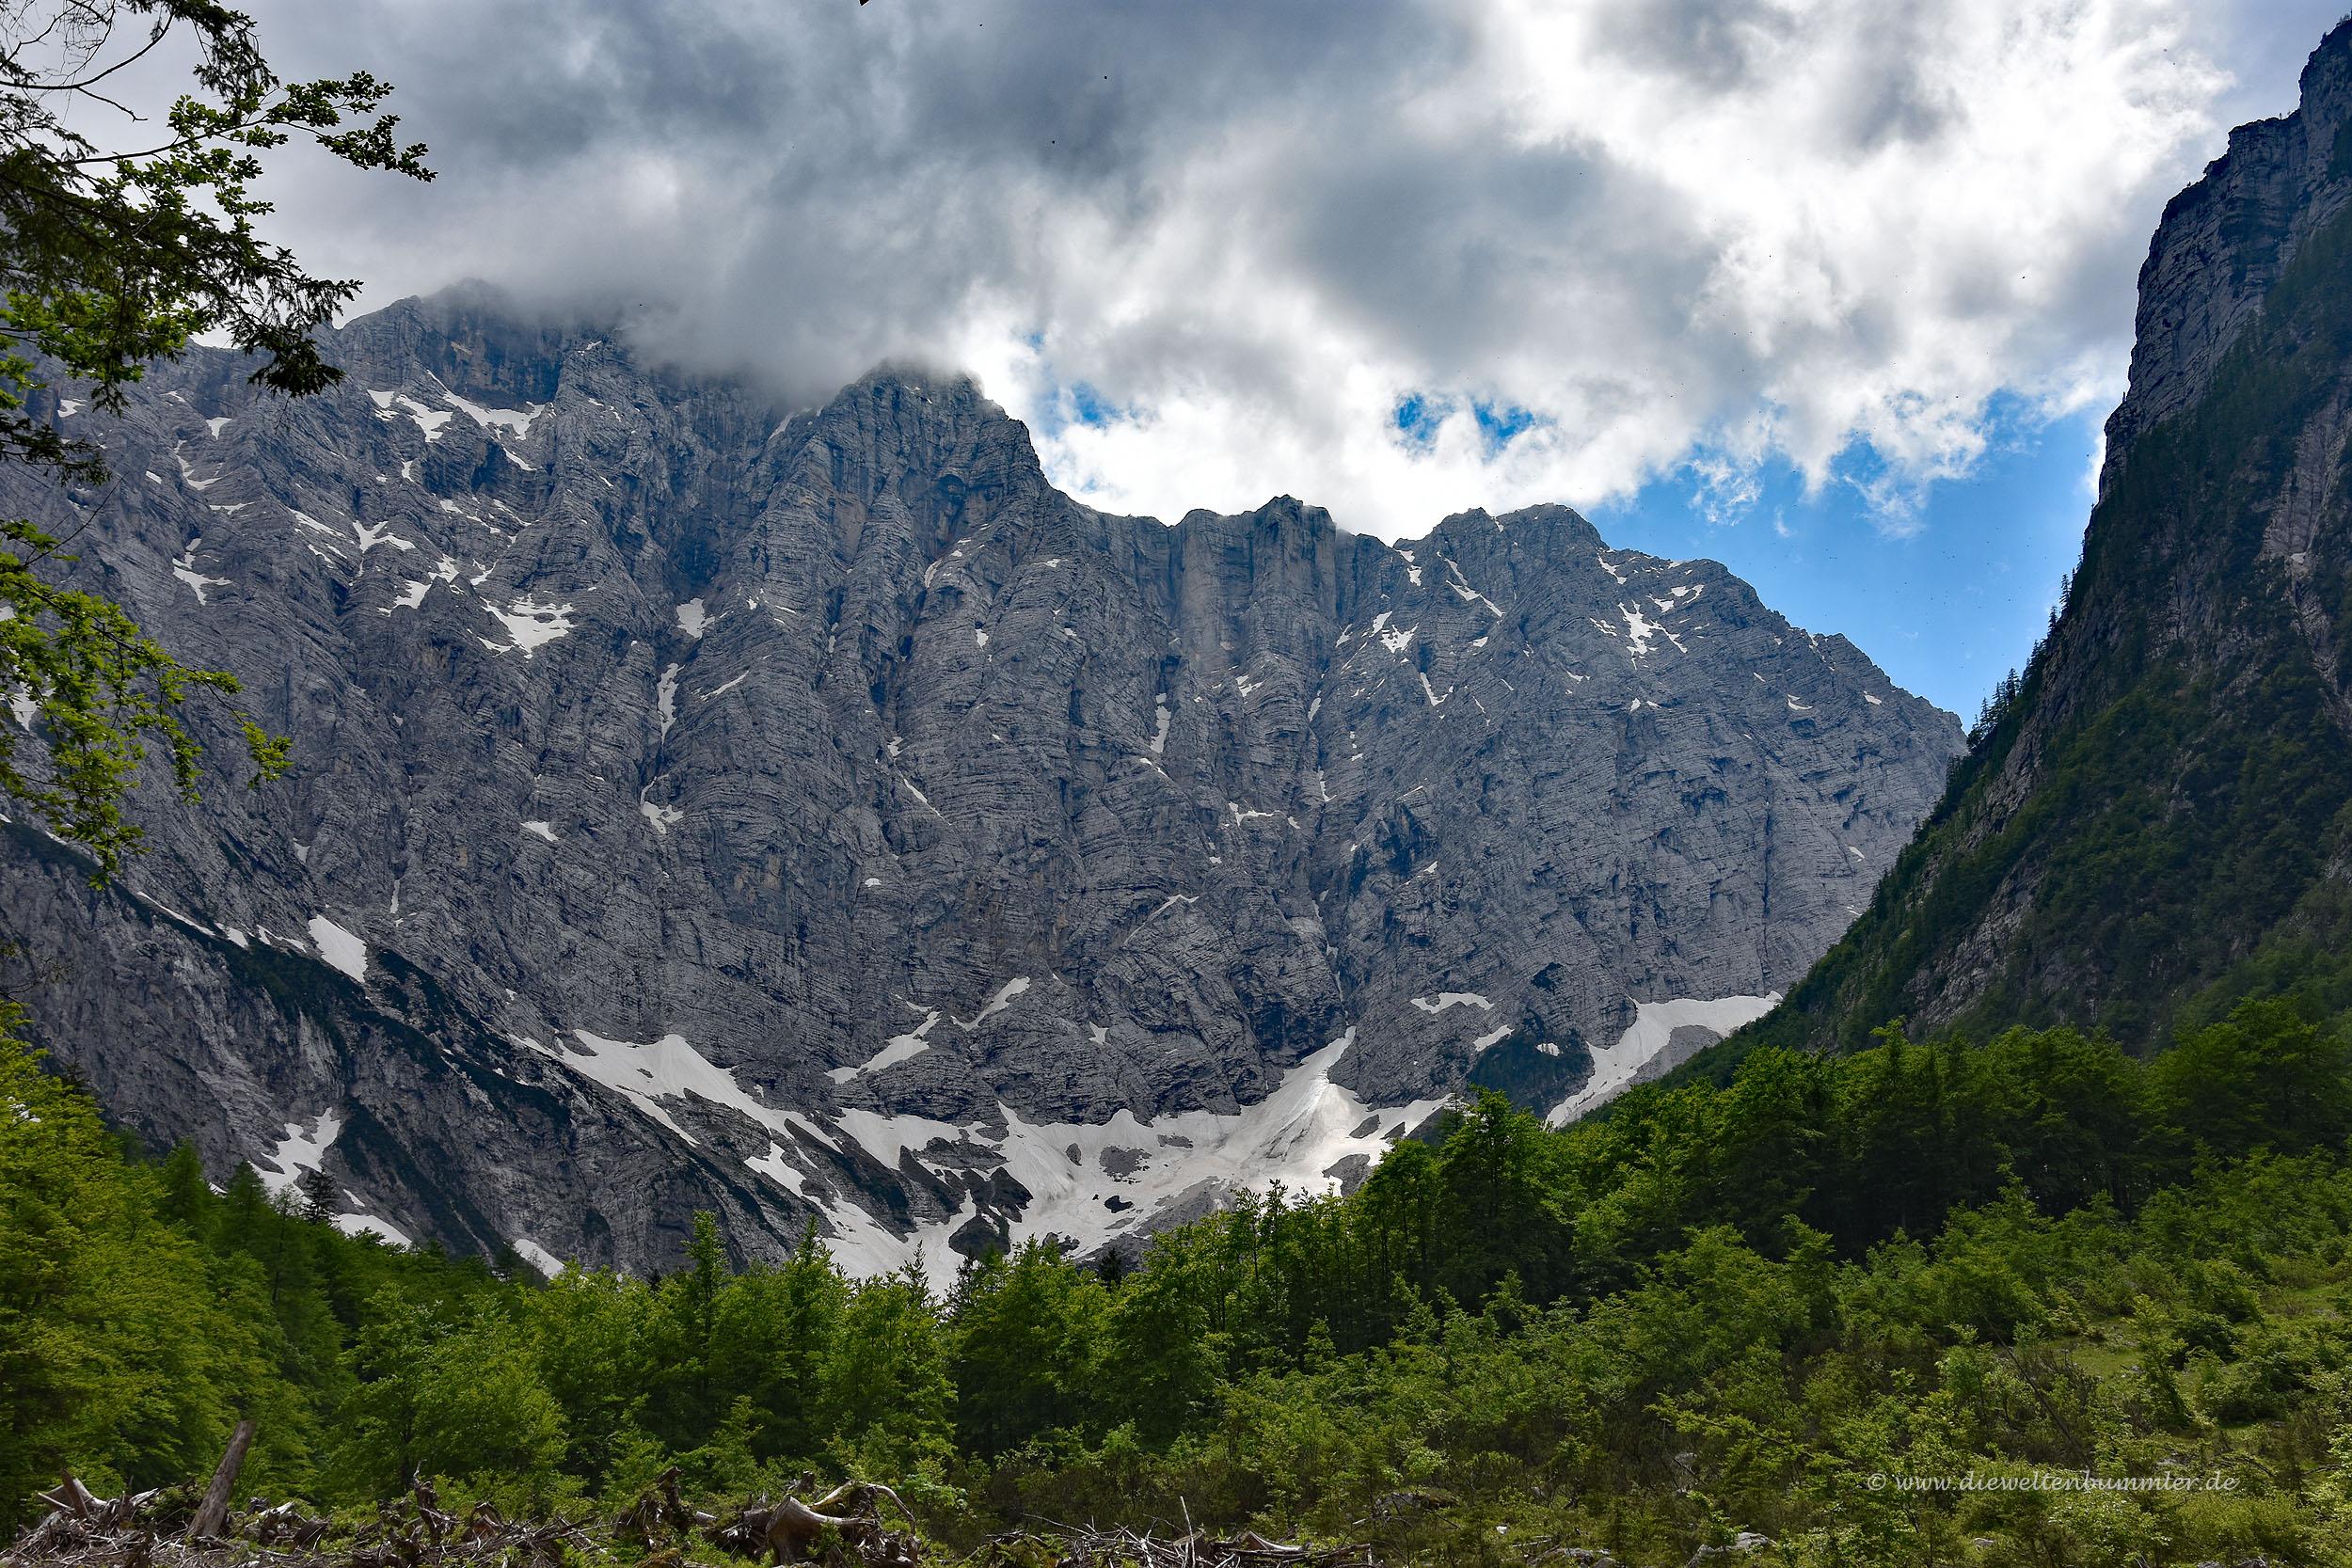 Steile Felswand